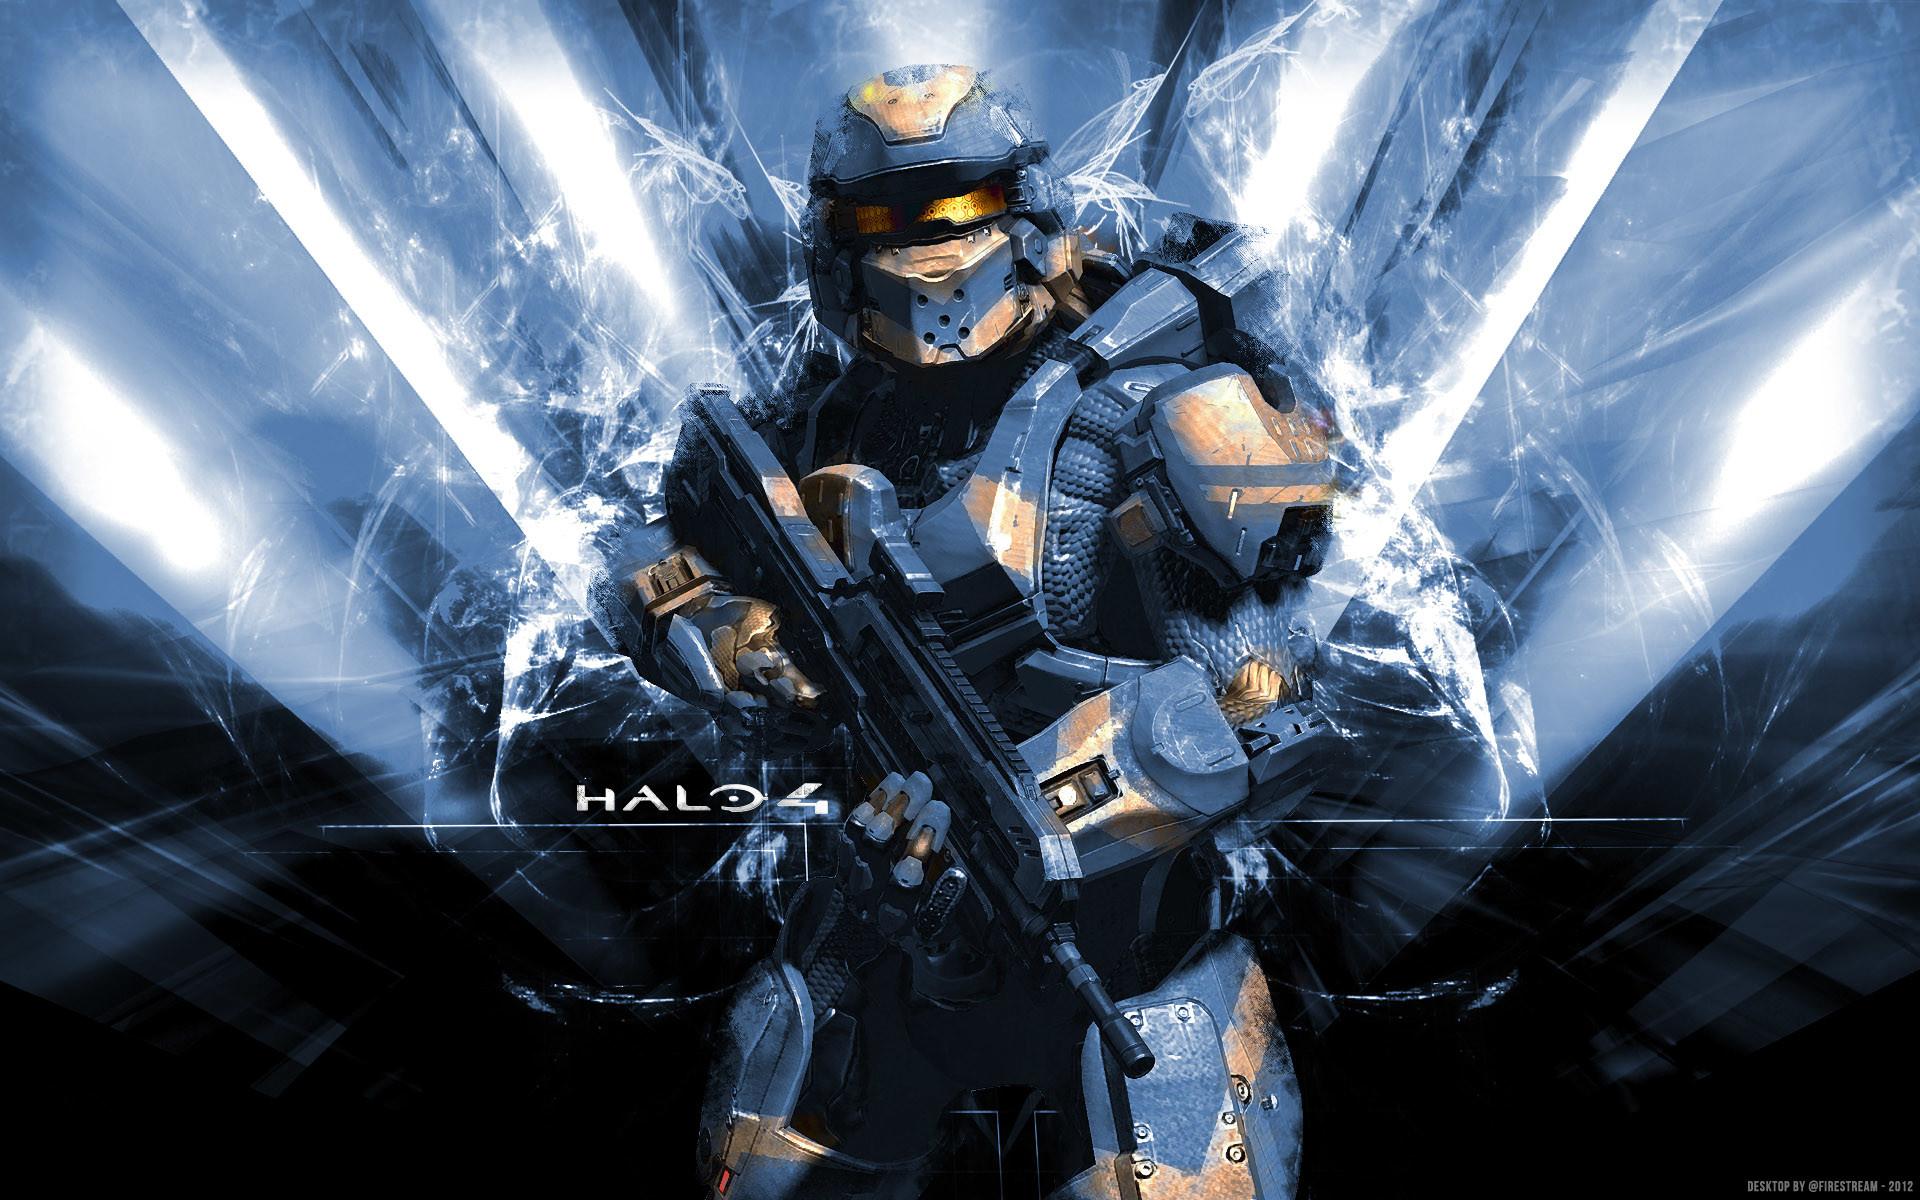 Description: Halo 4 HD Wallpaper is a hi res Wallpaper for pc desktops .